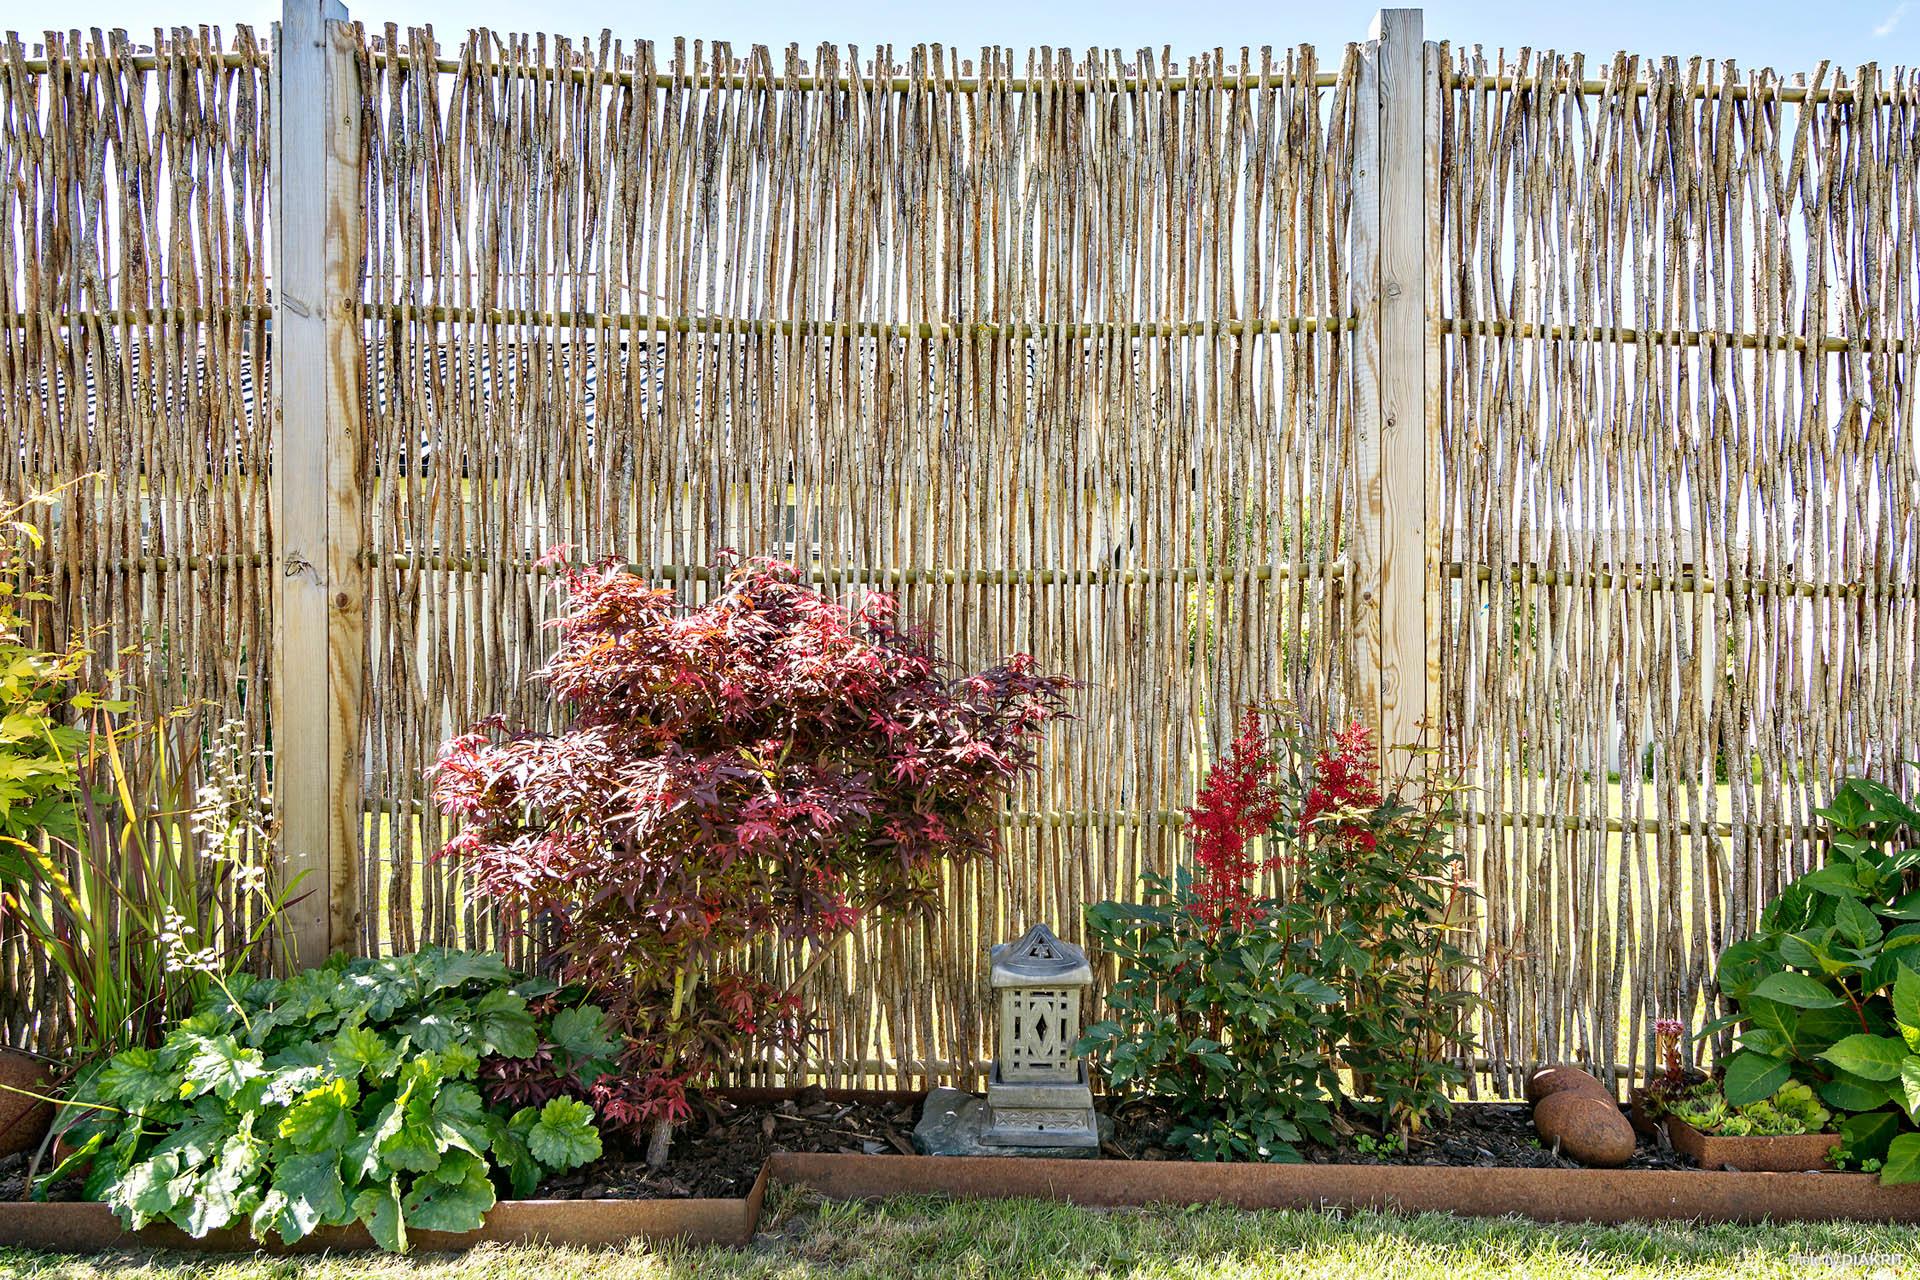 Snyggt anlagt trädgård med fina växter.